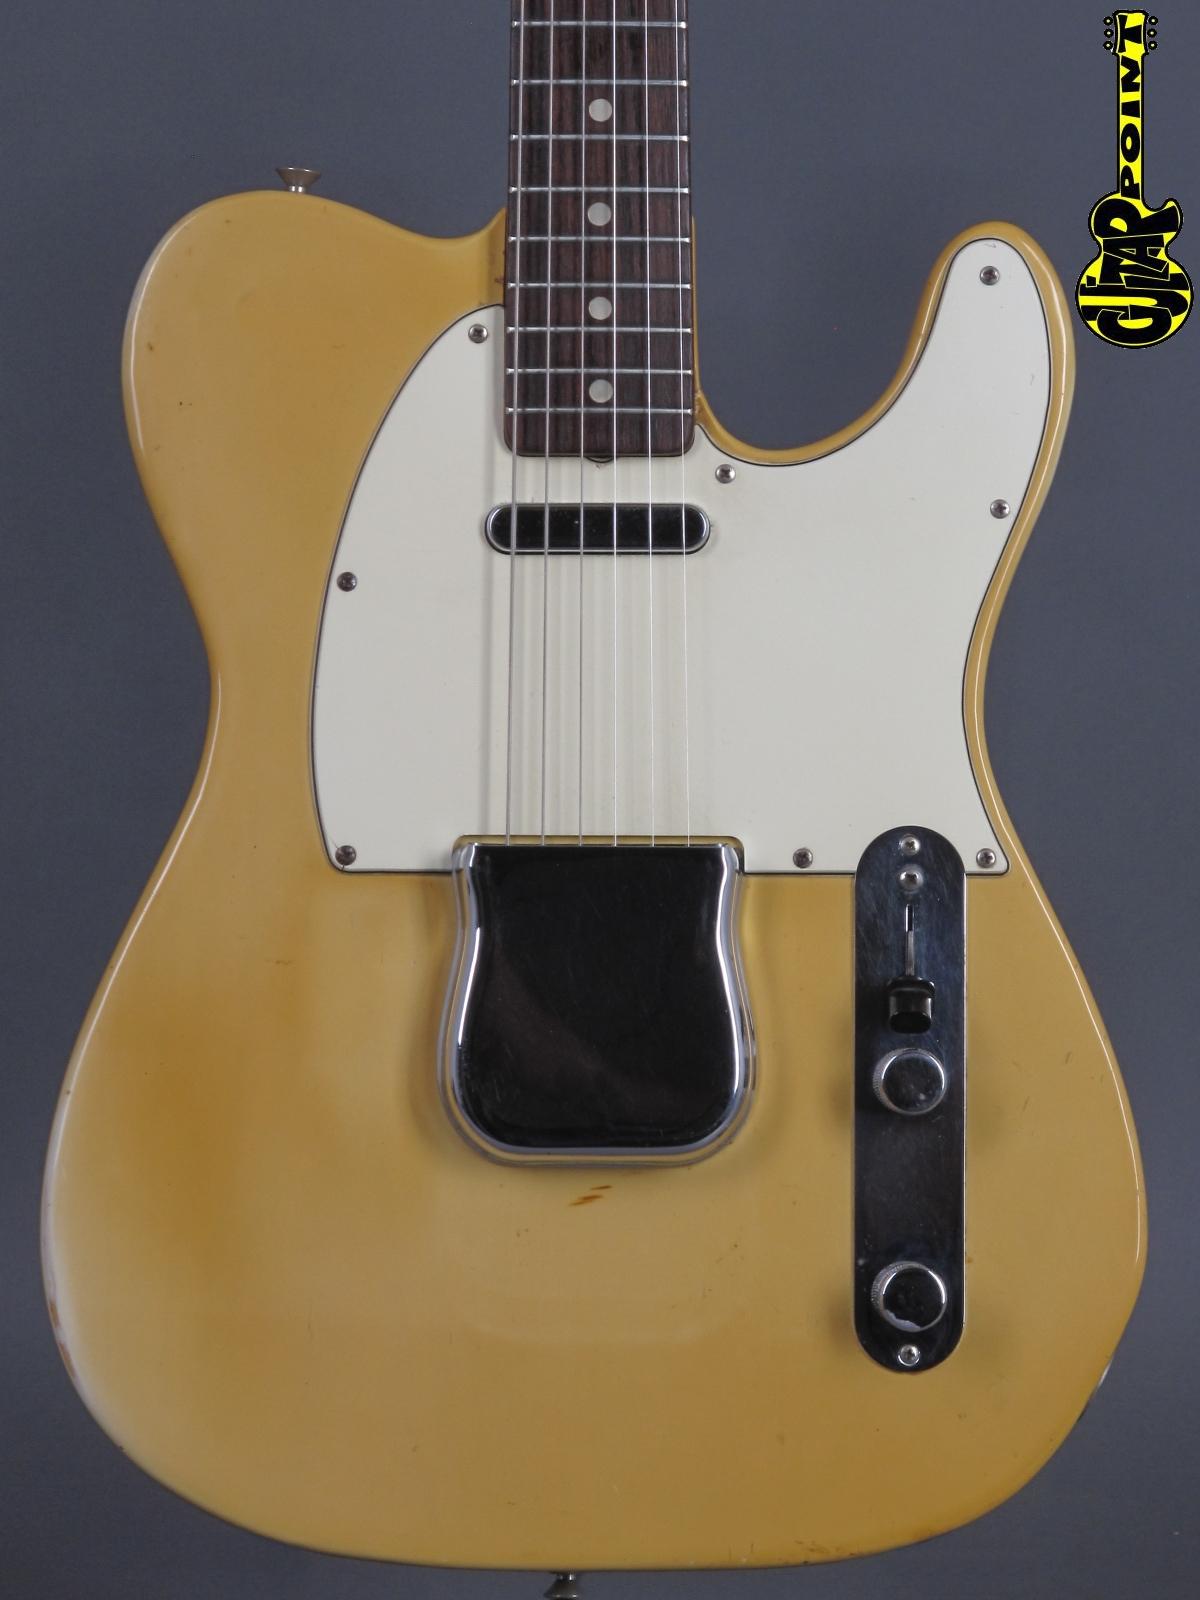 1975 Fender Telecaster - Blond